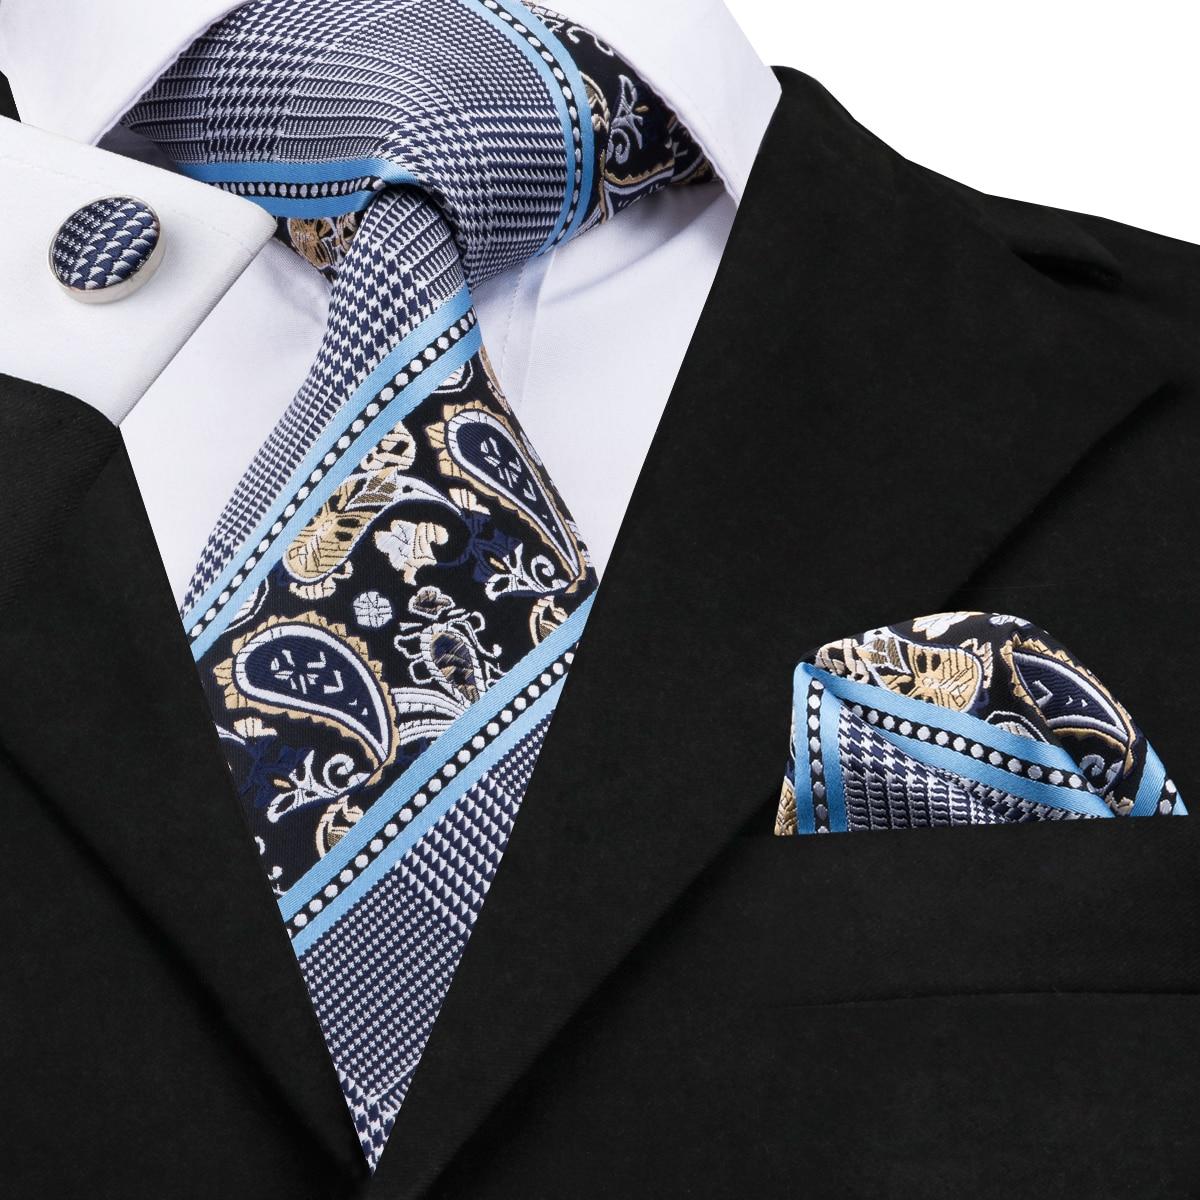 C-1641 Hi-Amarrar 2017 Gravata Listrada Laços para Homens Gravatás 8.5 cm 100% Hand-Made Gravata De Seda Abotoaduras lenço Tecido Jacquard